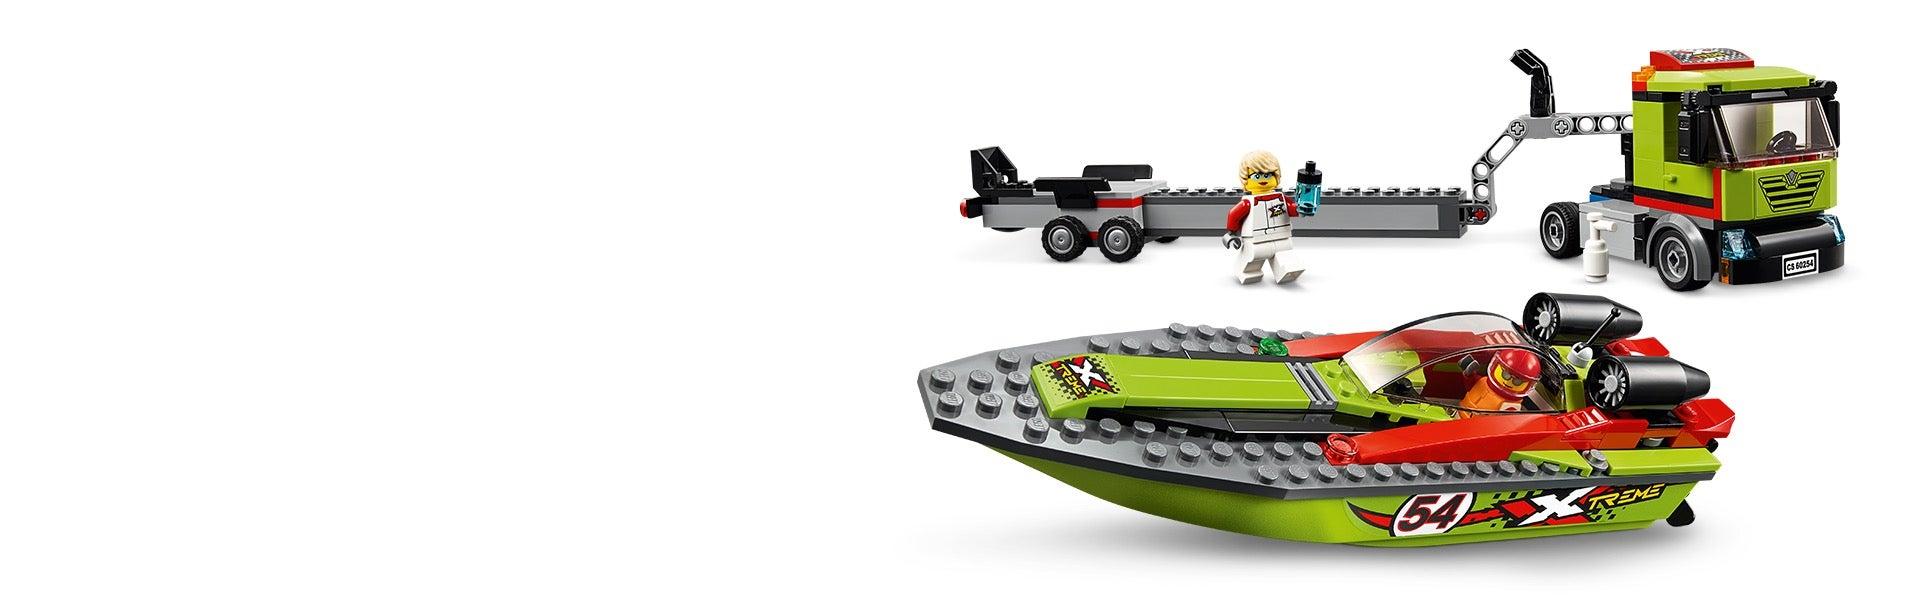 Lego City Porto 4643 Transporter di Motoscafi Fuori Produzione Raro NO 60254